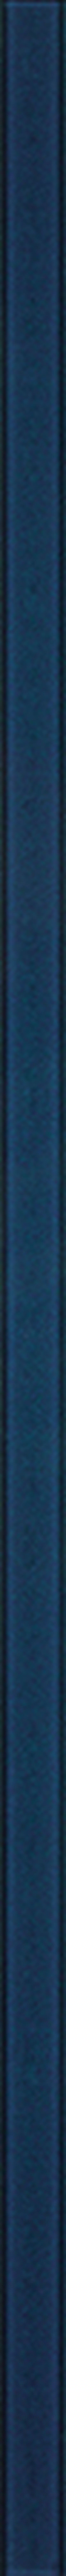 Paradyż Uniwersalna Listwa Szklana Blue